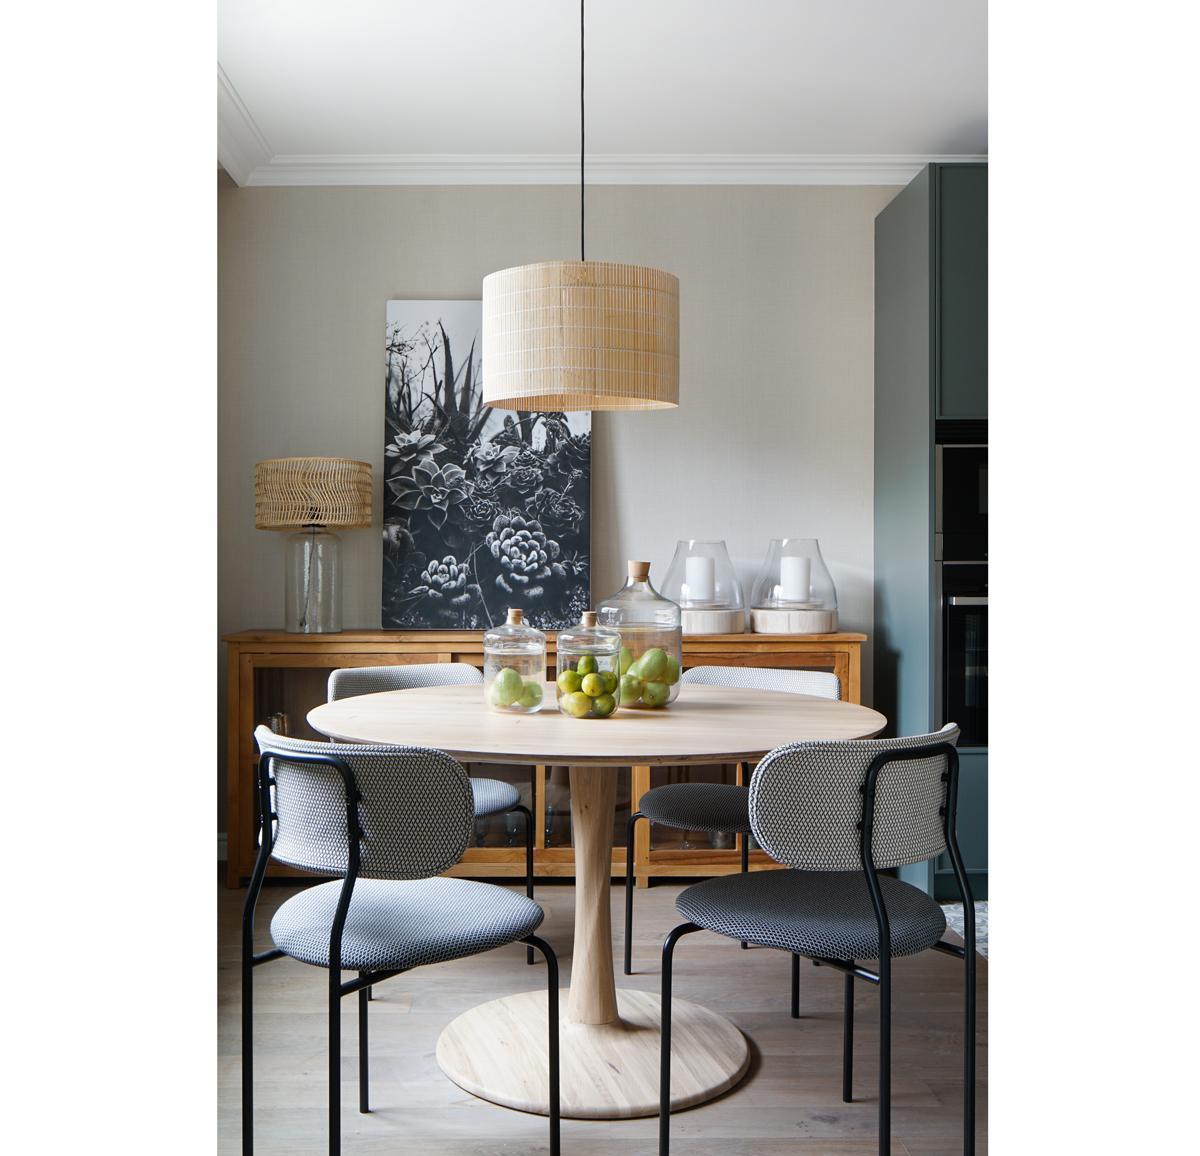 Elegantné retro bývanie v historickej budove Barcelony - Jedáleň je od kuchynskej časti vizuálne oddelená podlahou. Kým v kuchyni nájdeme kachličky, v jedálni sa nachádza drevená podlaha. Čierna kuchynská linka a ostrovček sú zjemnené stolom z javorového dreva, komodou z masívu a osvetlením z bambusu a rat